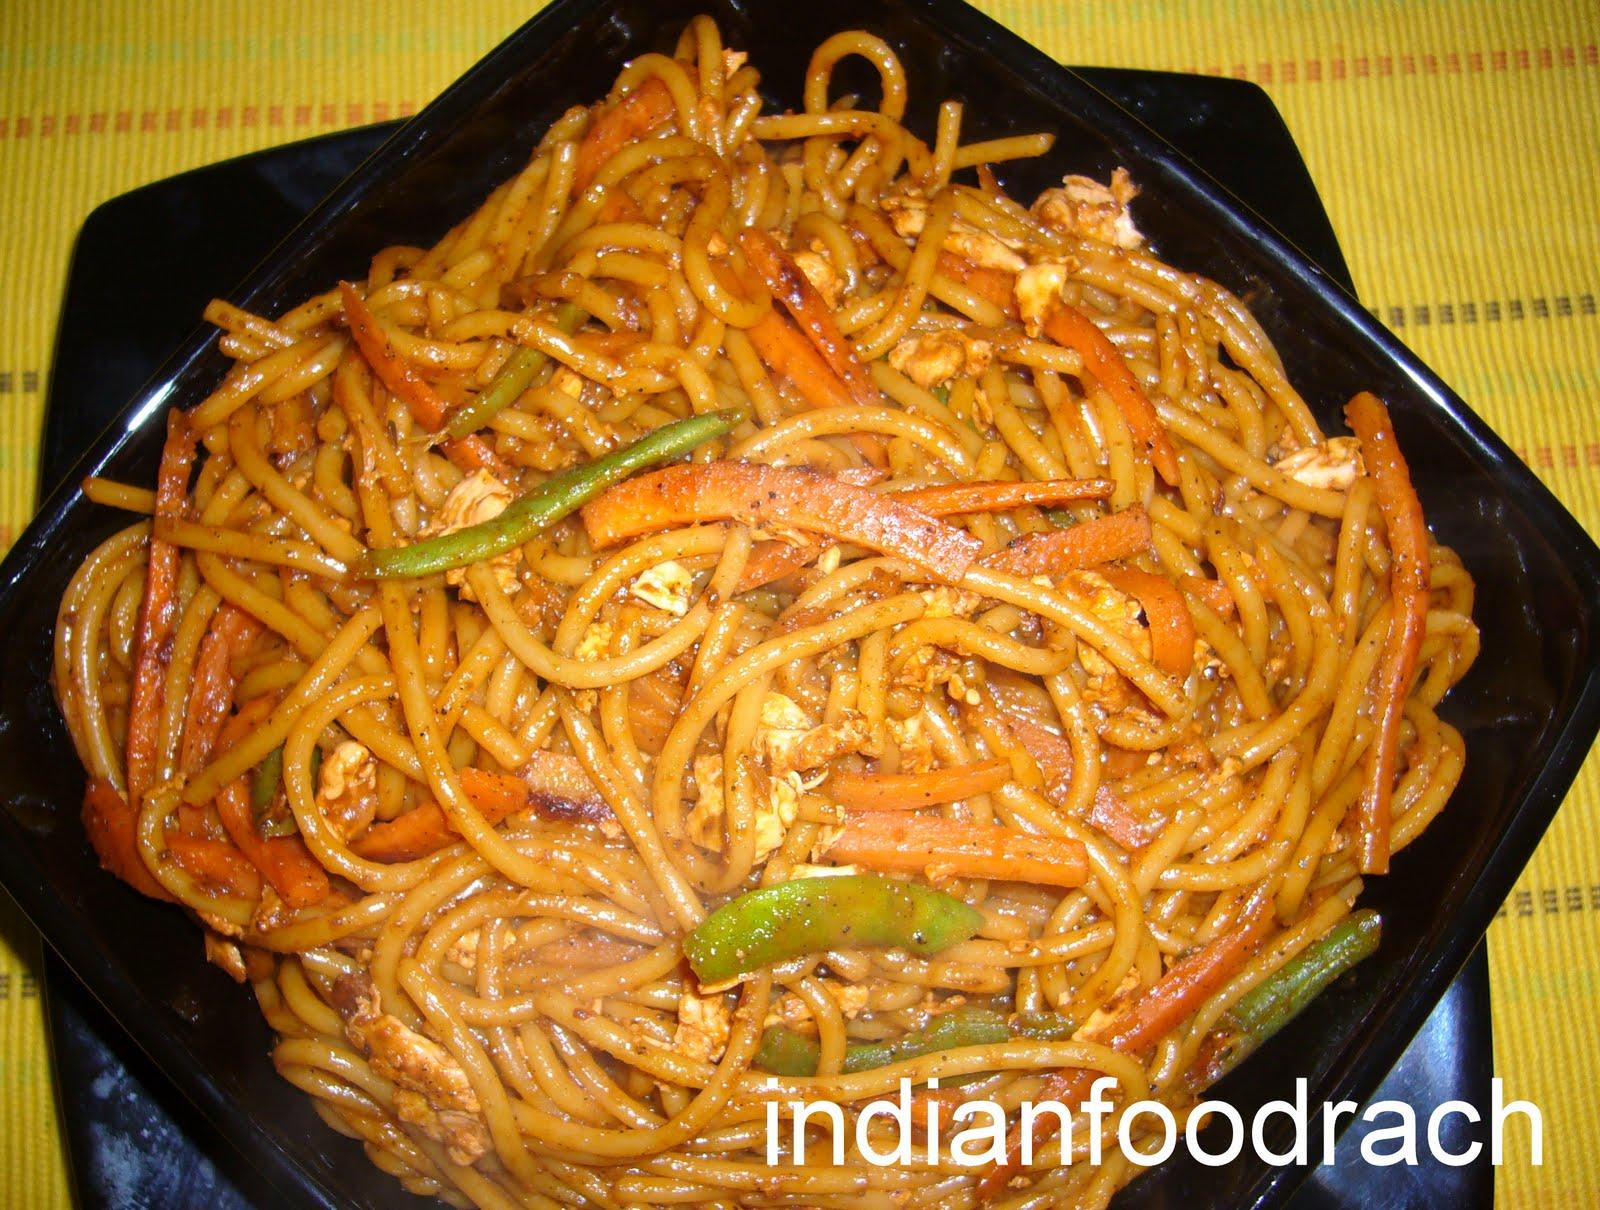 Spaghetti And Hot Dogs Haiti